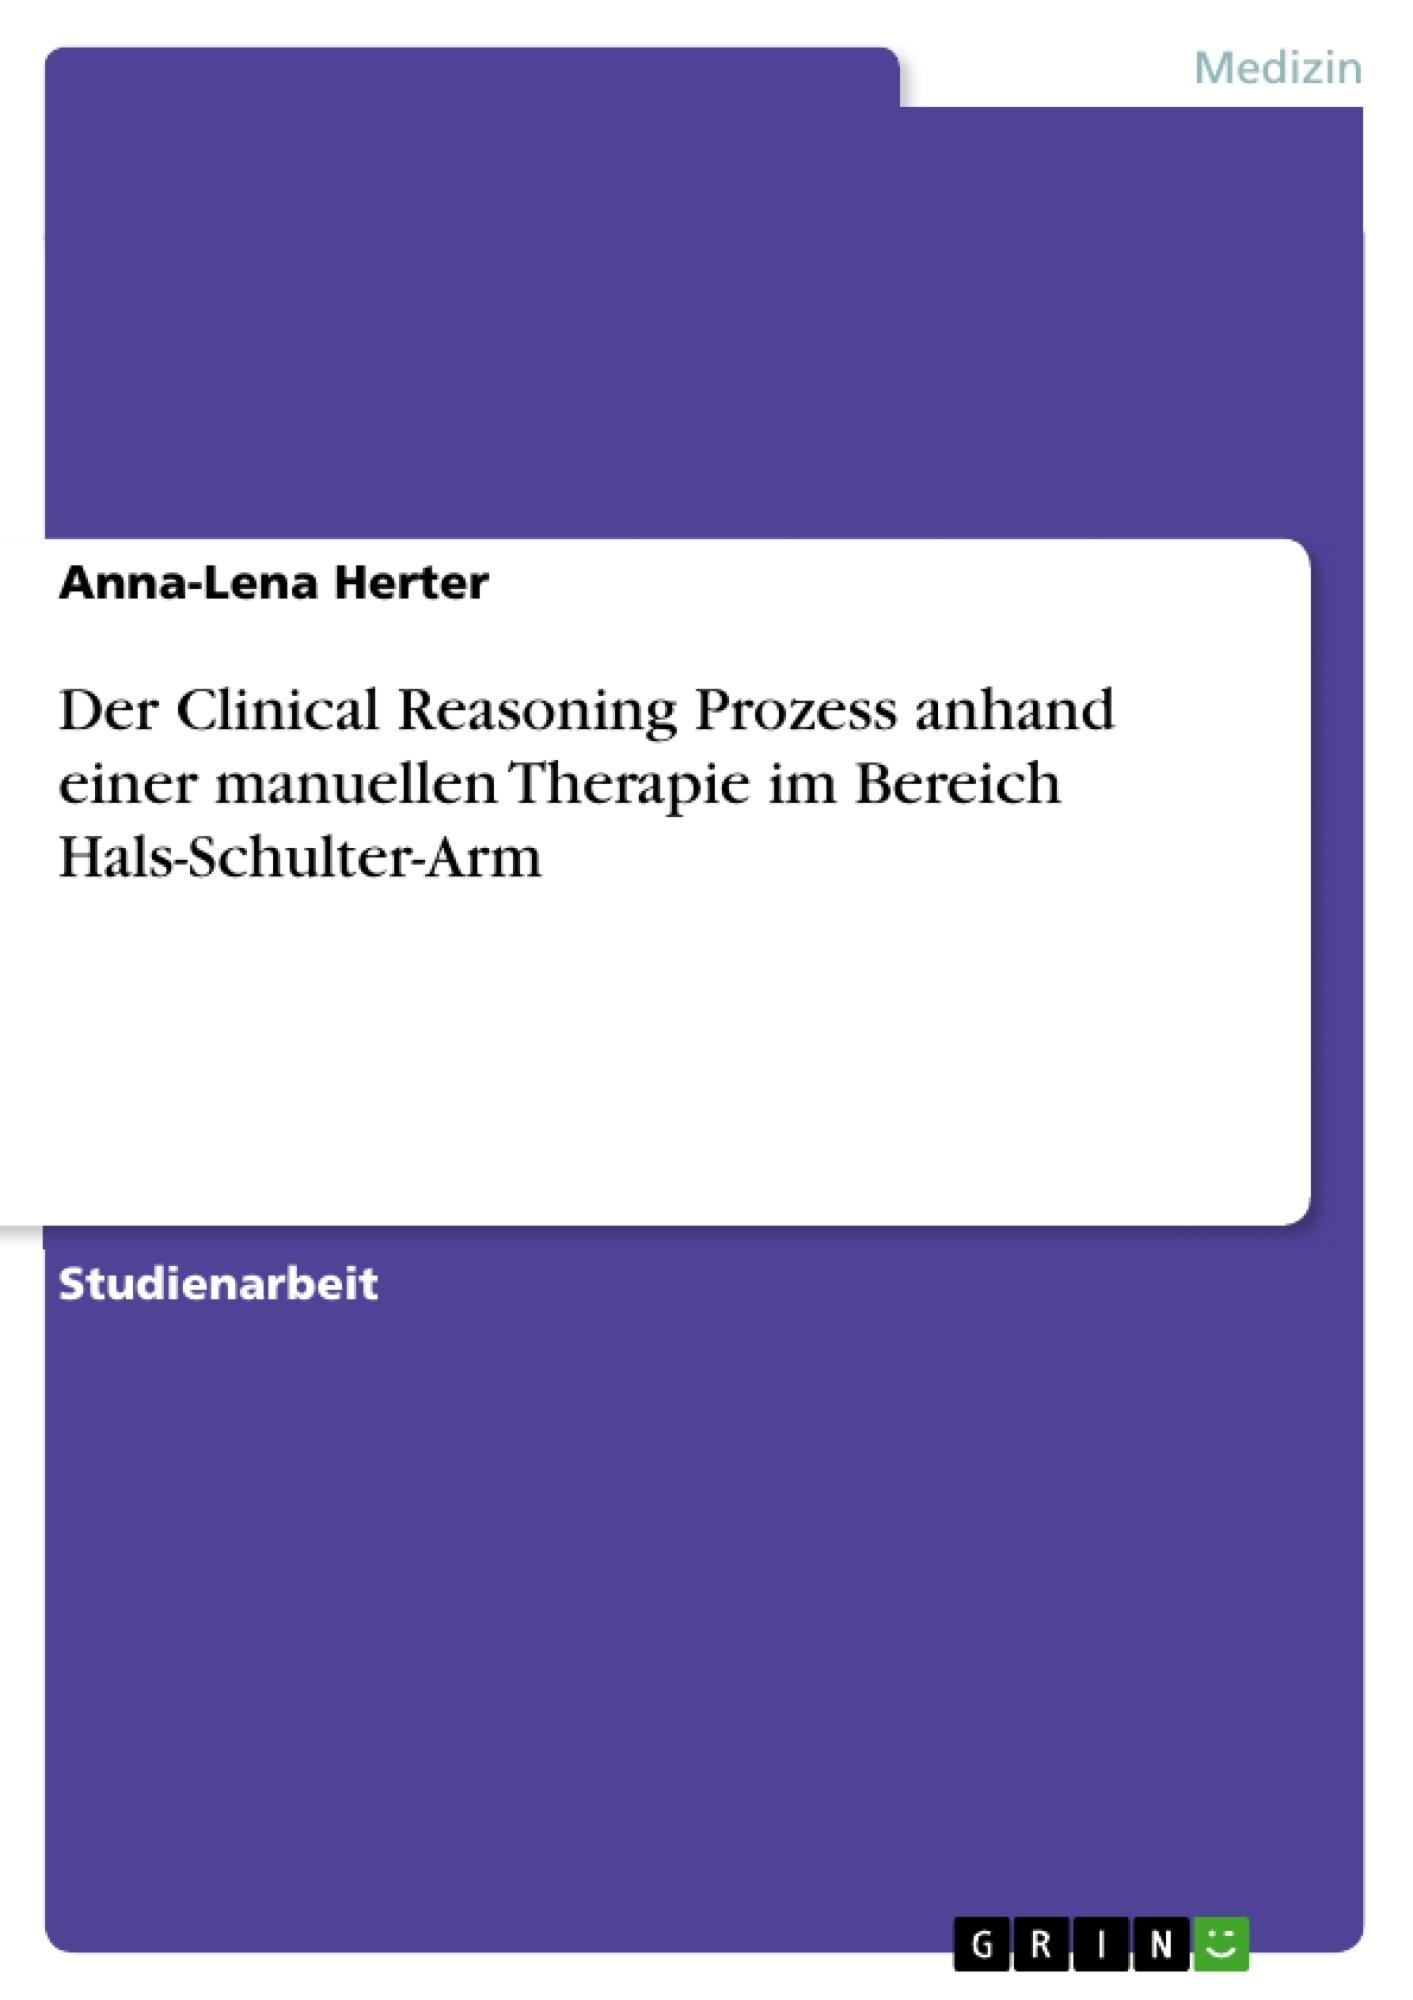 Titel: Der Clinical Reasoning Prozess anhand einer manuellen Therapie im Bereich Hals-Schulter-Arm